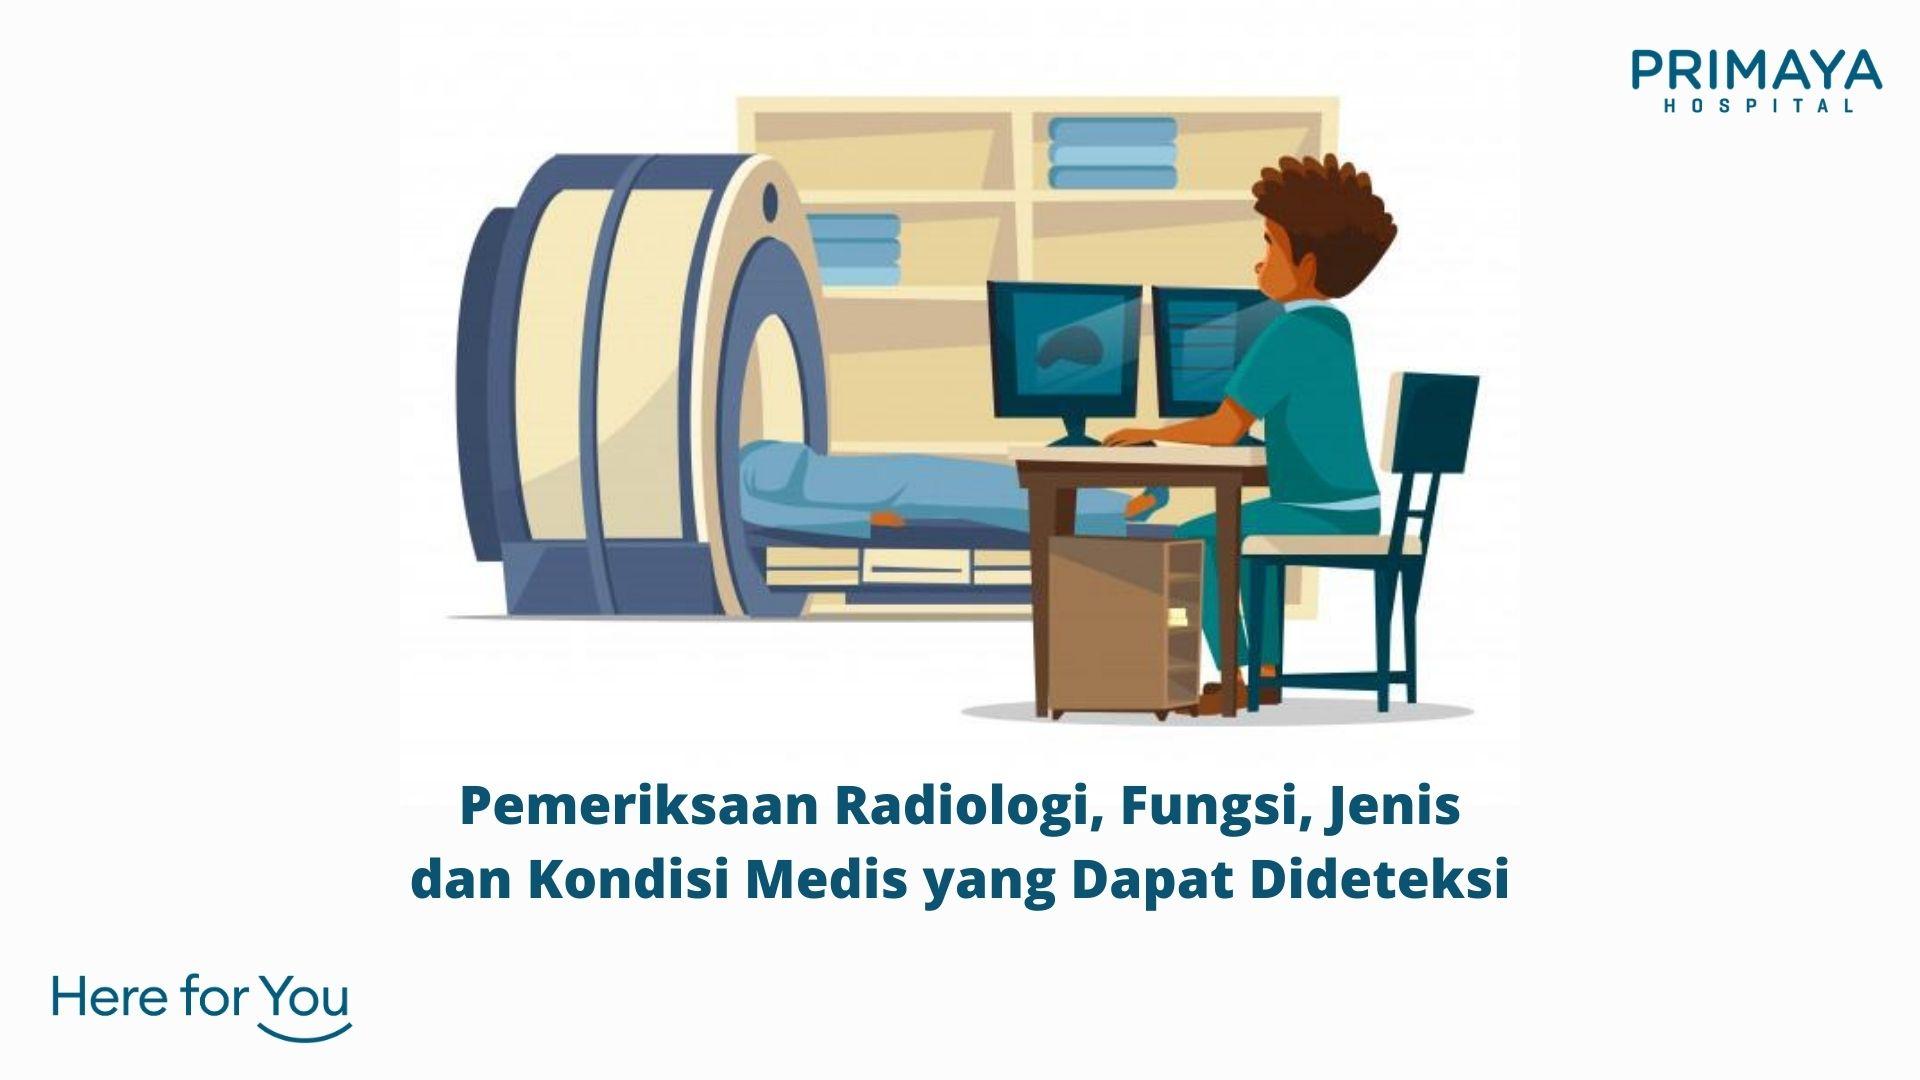 Pemeriksaan Radiologi, Fungsi, Jenis dan Kondisi Medis yang Dapat Dideteksi